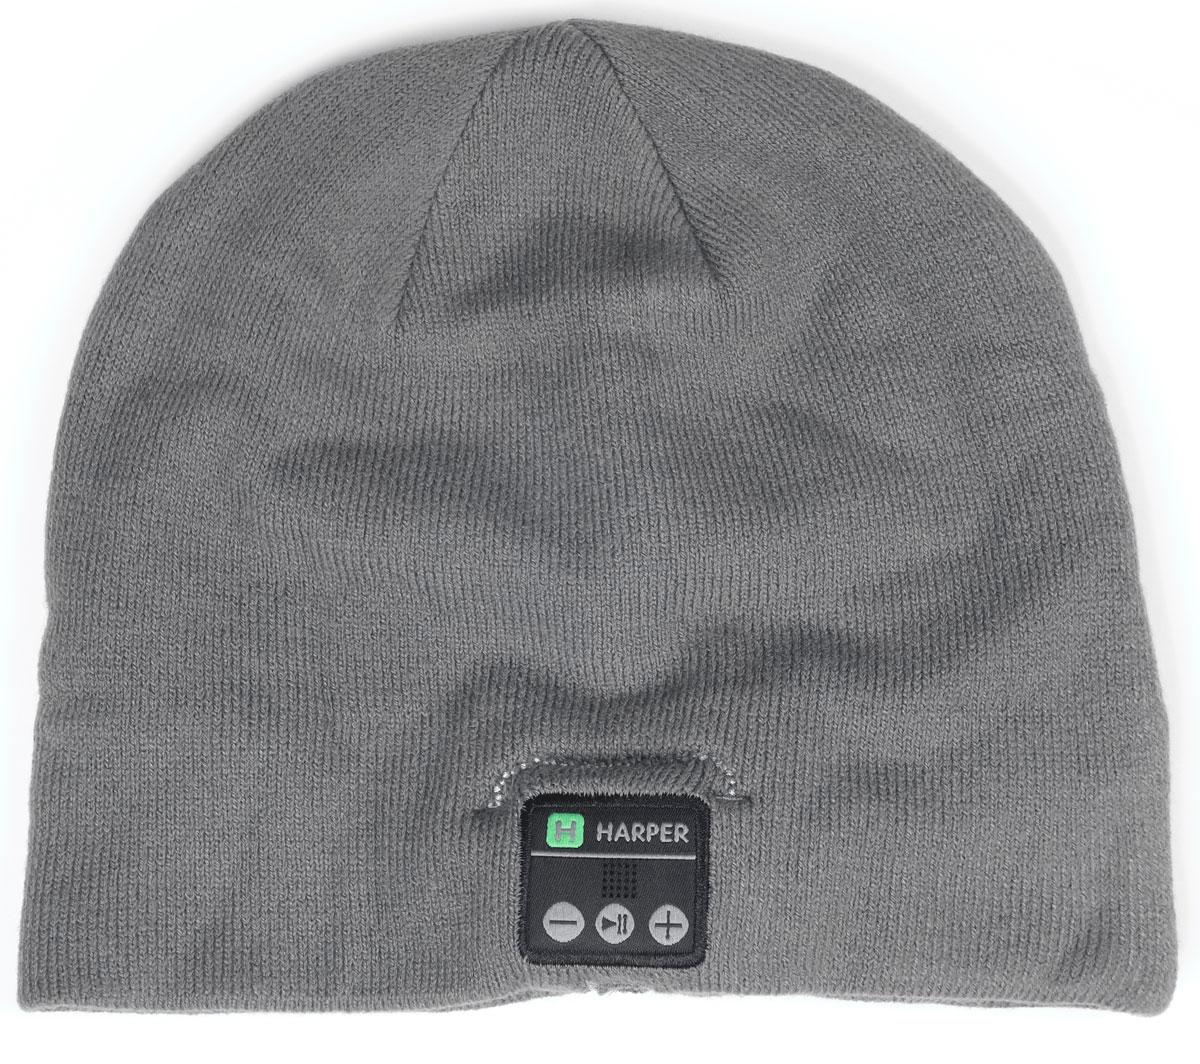 Harper HB-505, Gray шапка с Bluetooth-гарнитуройMDRXB950APH.EШапка Harper HB-505 с Bluetooth-гарнитурой. Идея совмещения гарнитуры и шапки реализована с вниманием к деталям. В головной убор на местах, где находятся уши пользователя, вшиты наушники. В основе используется материал, состоящий из акрила - 84%, спандекса - 10%, полиэстера - 6%. Вязка не раздражает при длительной носке. Внутри подкладки зафиксирован основной модуль и дополнительный динамик. Соединяются они между собой кабелем, скрывающимся во внутреннем стежке. Все активные элементы на правом наушнике.